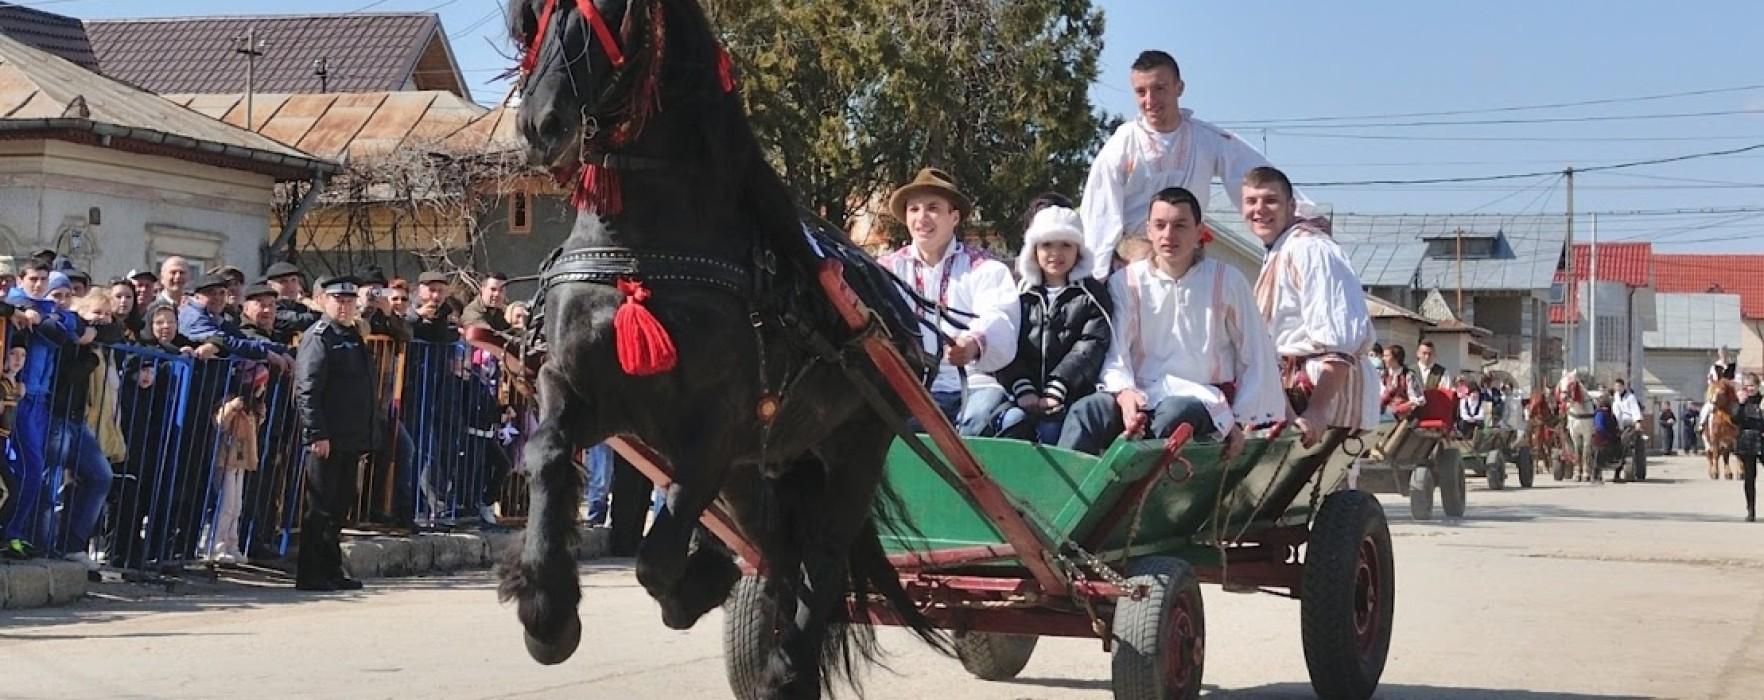 Paştele Cailor se sărbătoreşte, sâmbătă, în comunitatea bulgară din Târgovişte